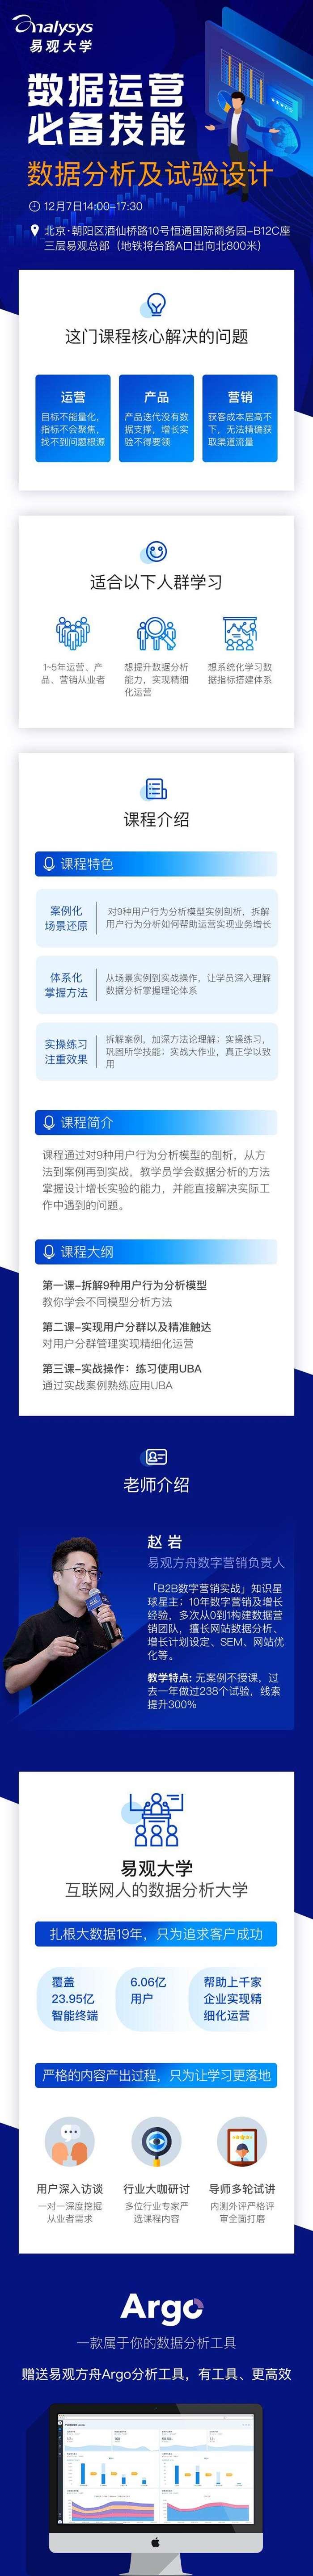 易观大学-20191207赵岩-长图.jpg